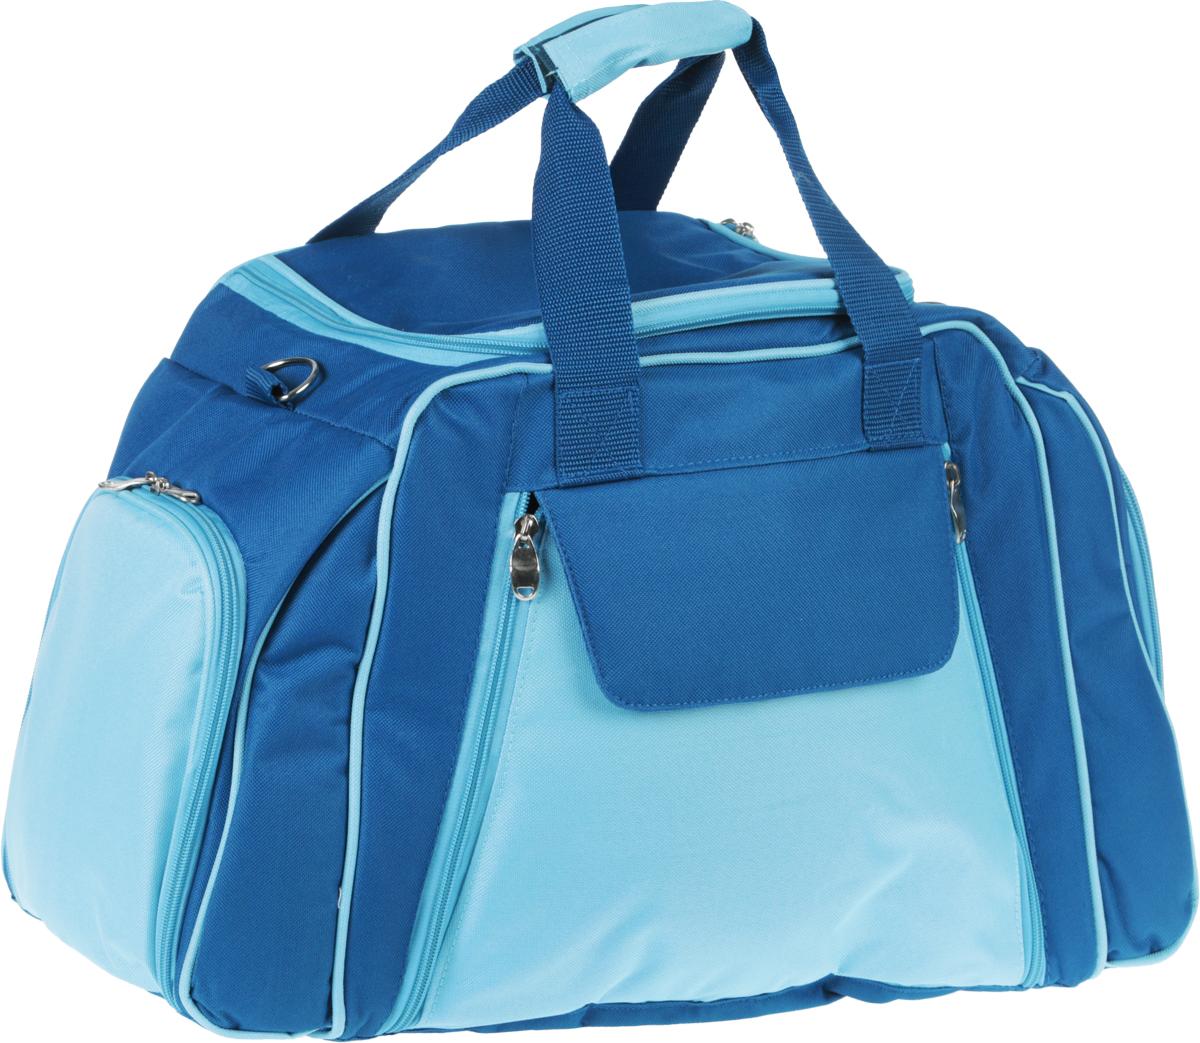 Набор для пикника Green Glade, цвет: голубой, 46 предметов. T3655 тележка со складной ручкой dewalt tstak 54 6 см х 59 см х 104 3 см